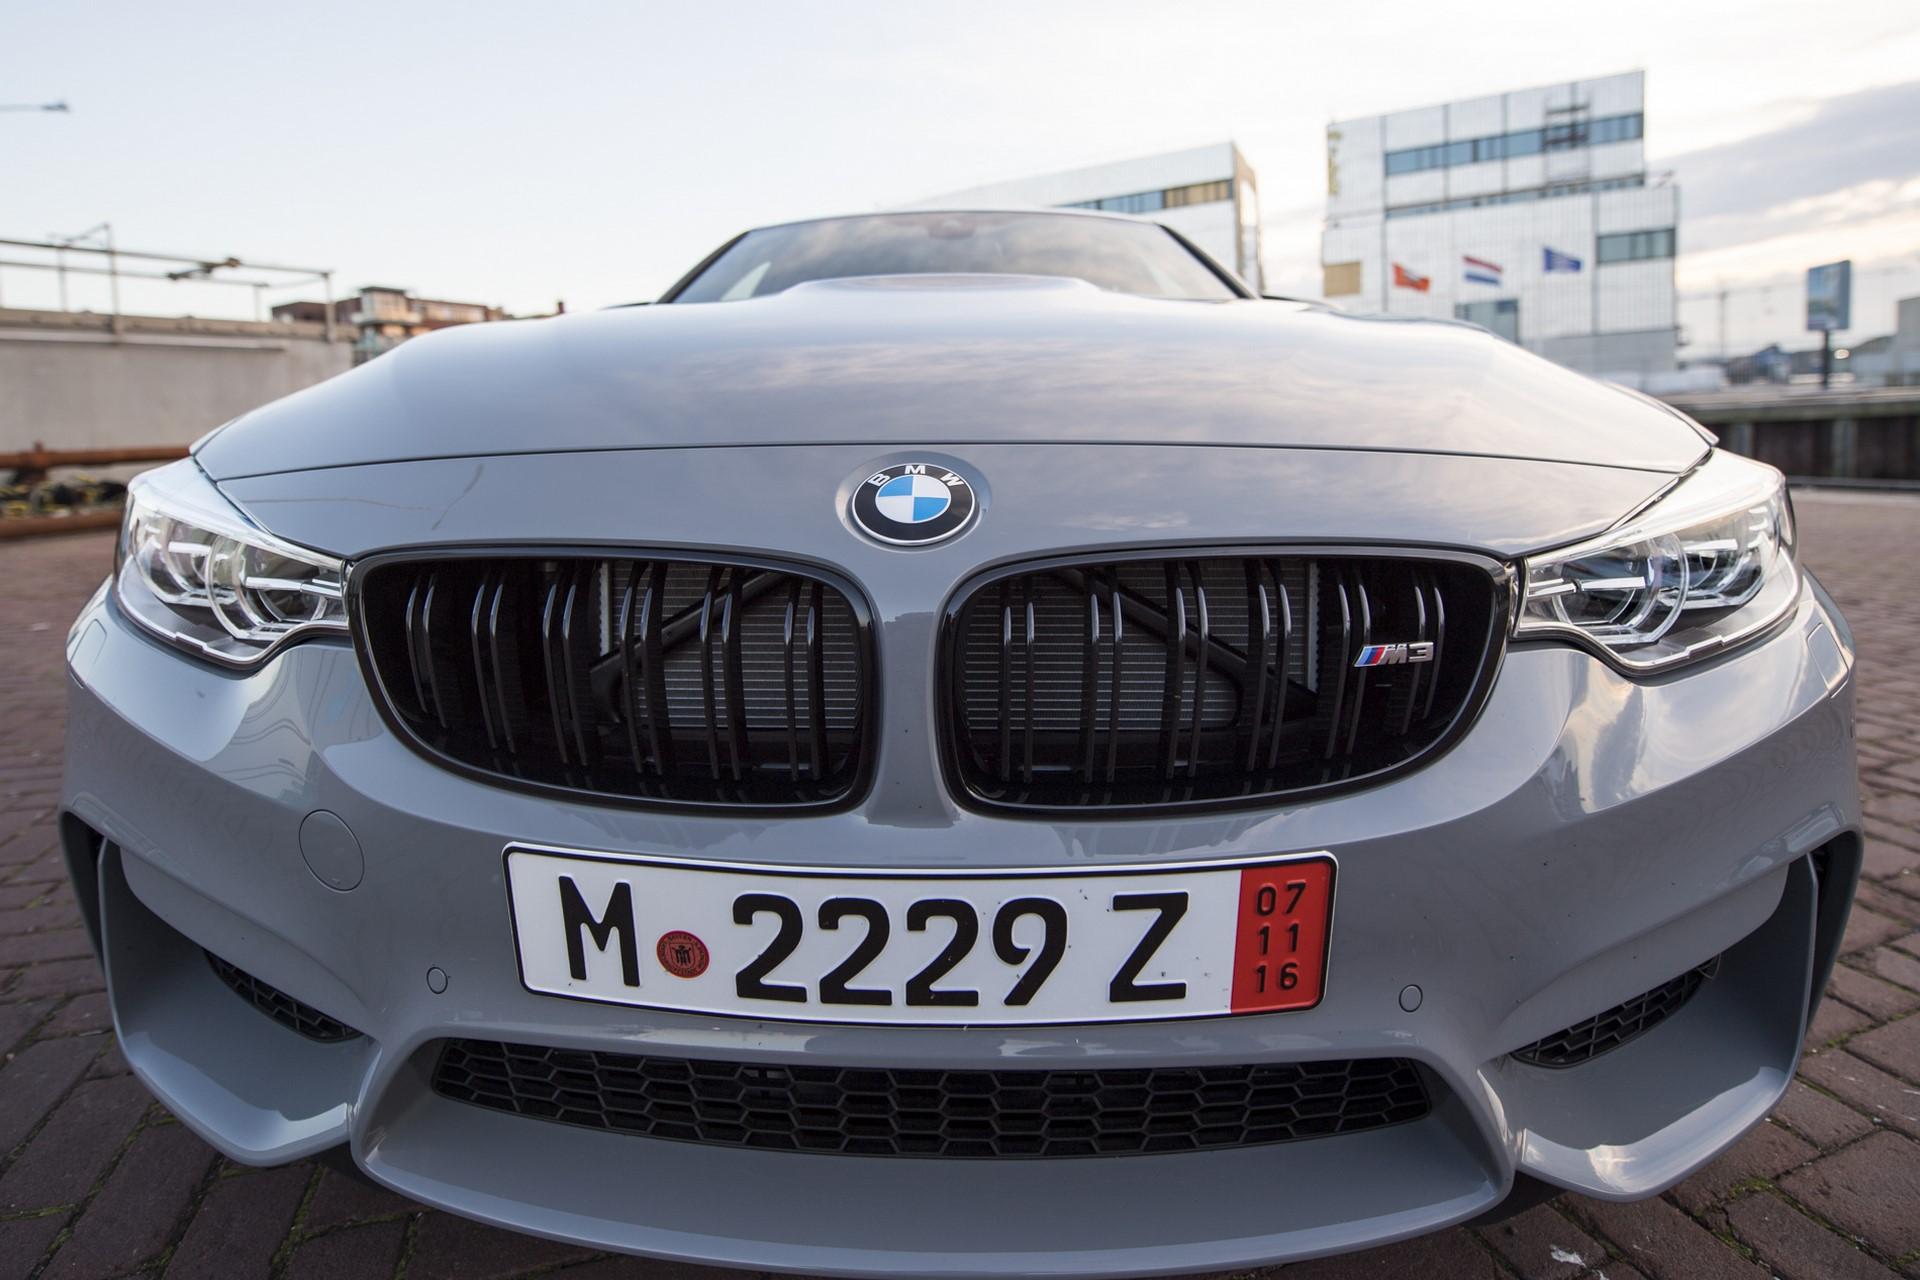 BMW M3 in Nardo Grey color (27)